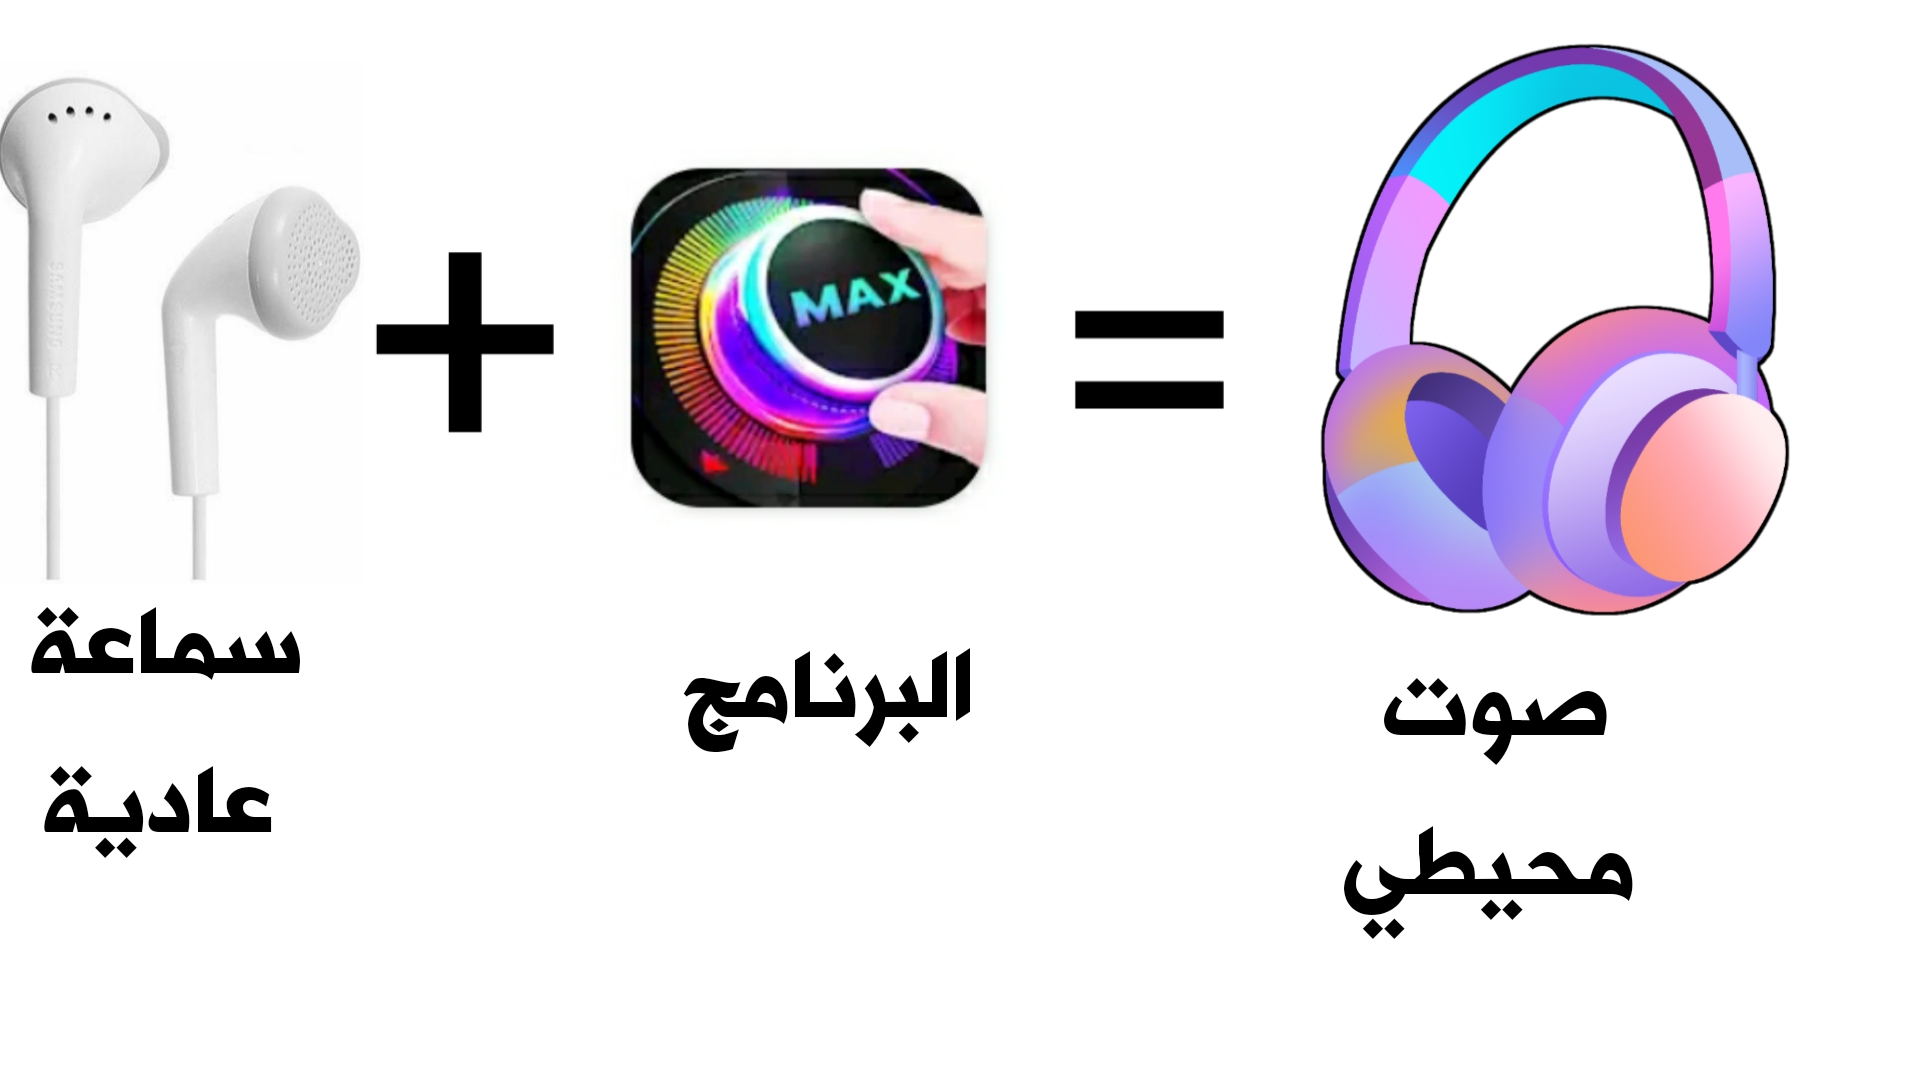 برنامج تحويل صوت السماعة العادية الى صوت محيطي بضغطة زر واحدة فقط ! ورفع صوت سماعة الهاتف الى أقصى حد !